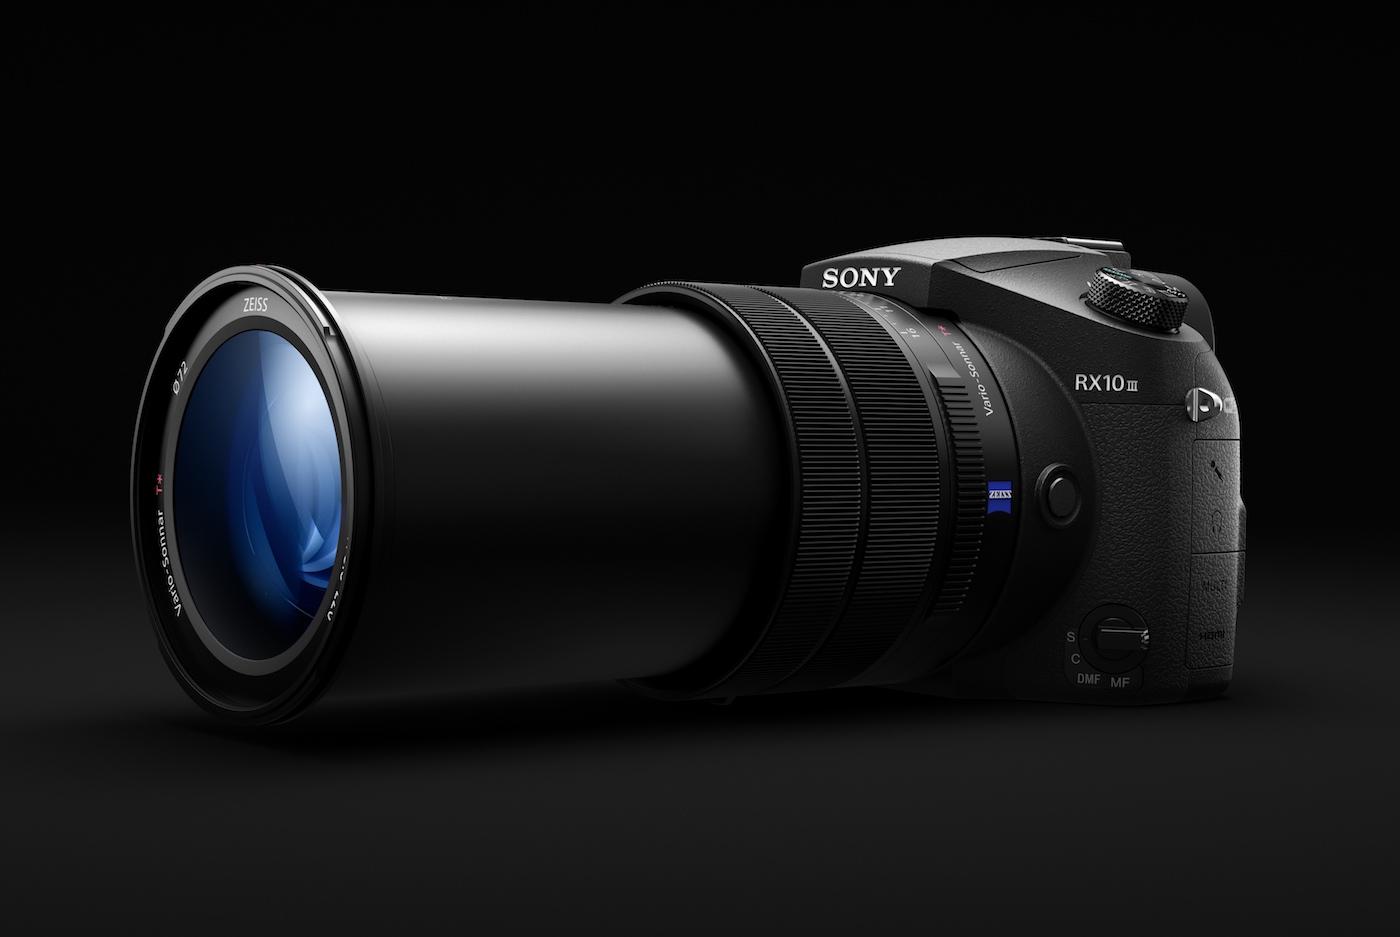 Divisa el más allá con nueva Sony RX10 III